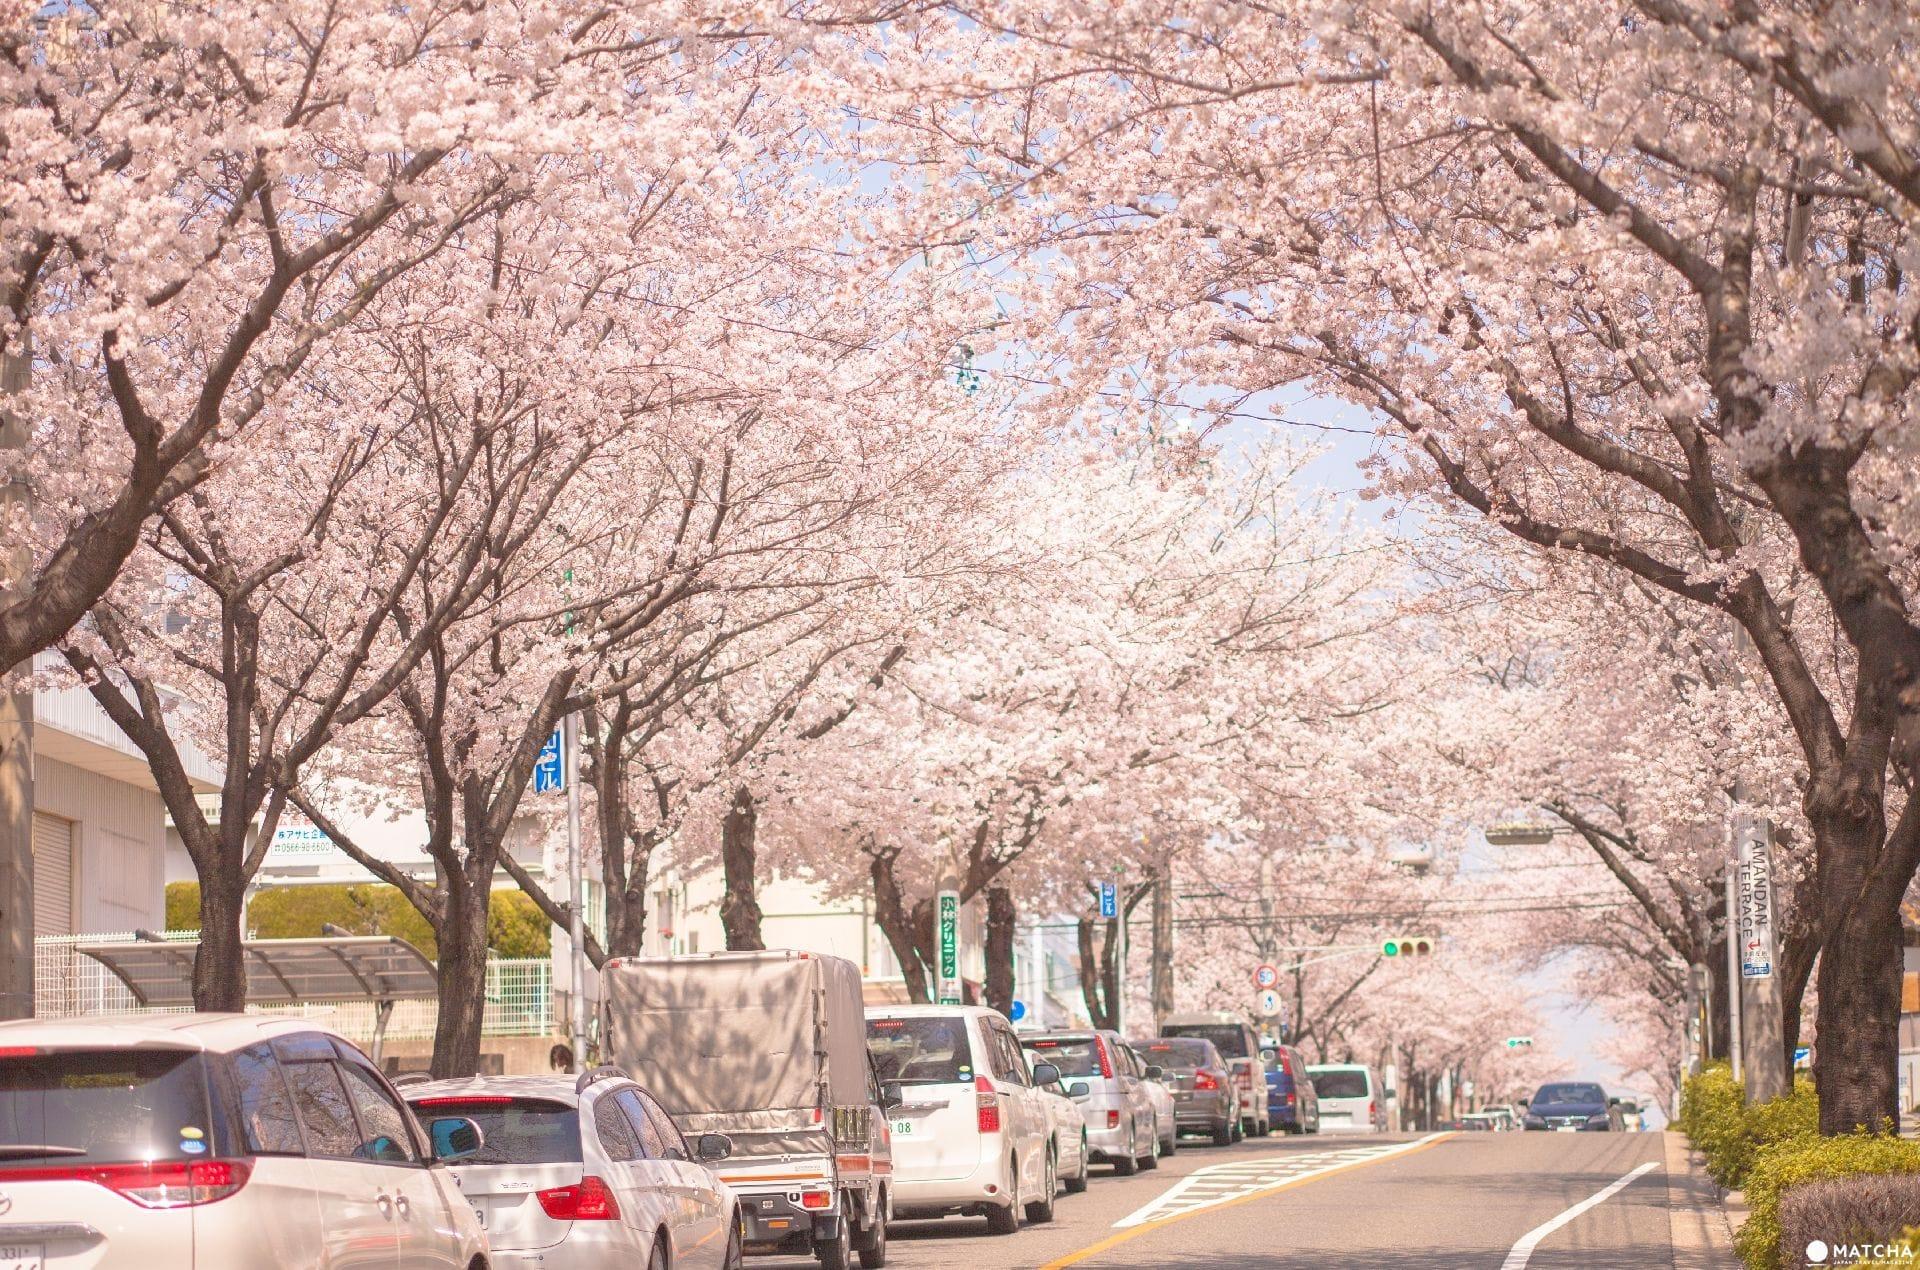 東京櫻花私房景點9選 讓你只見在地人不用人擠人   MATCHA - 日本線上旅遊觀光雜誌